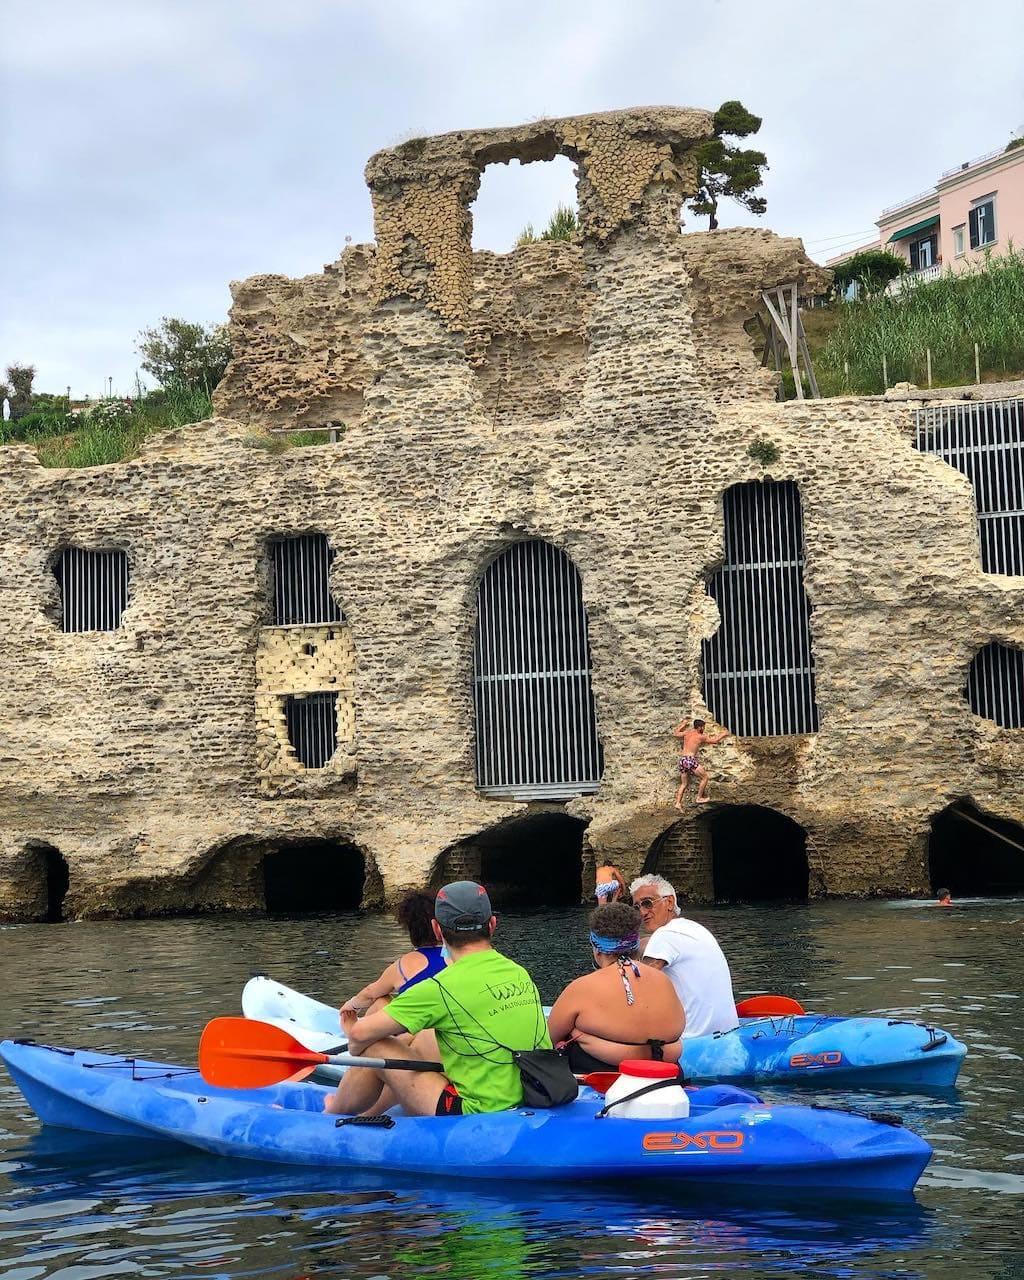 Kayak Posillipo, Palazzo degli spiriti